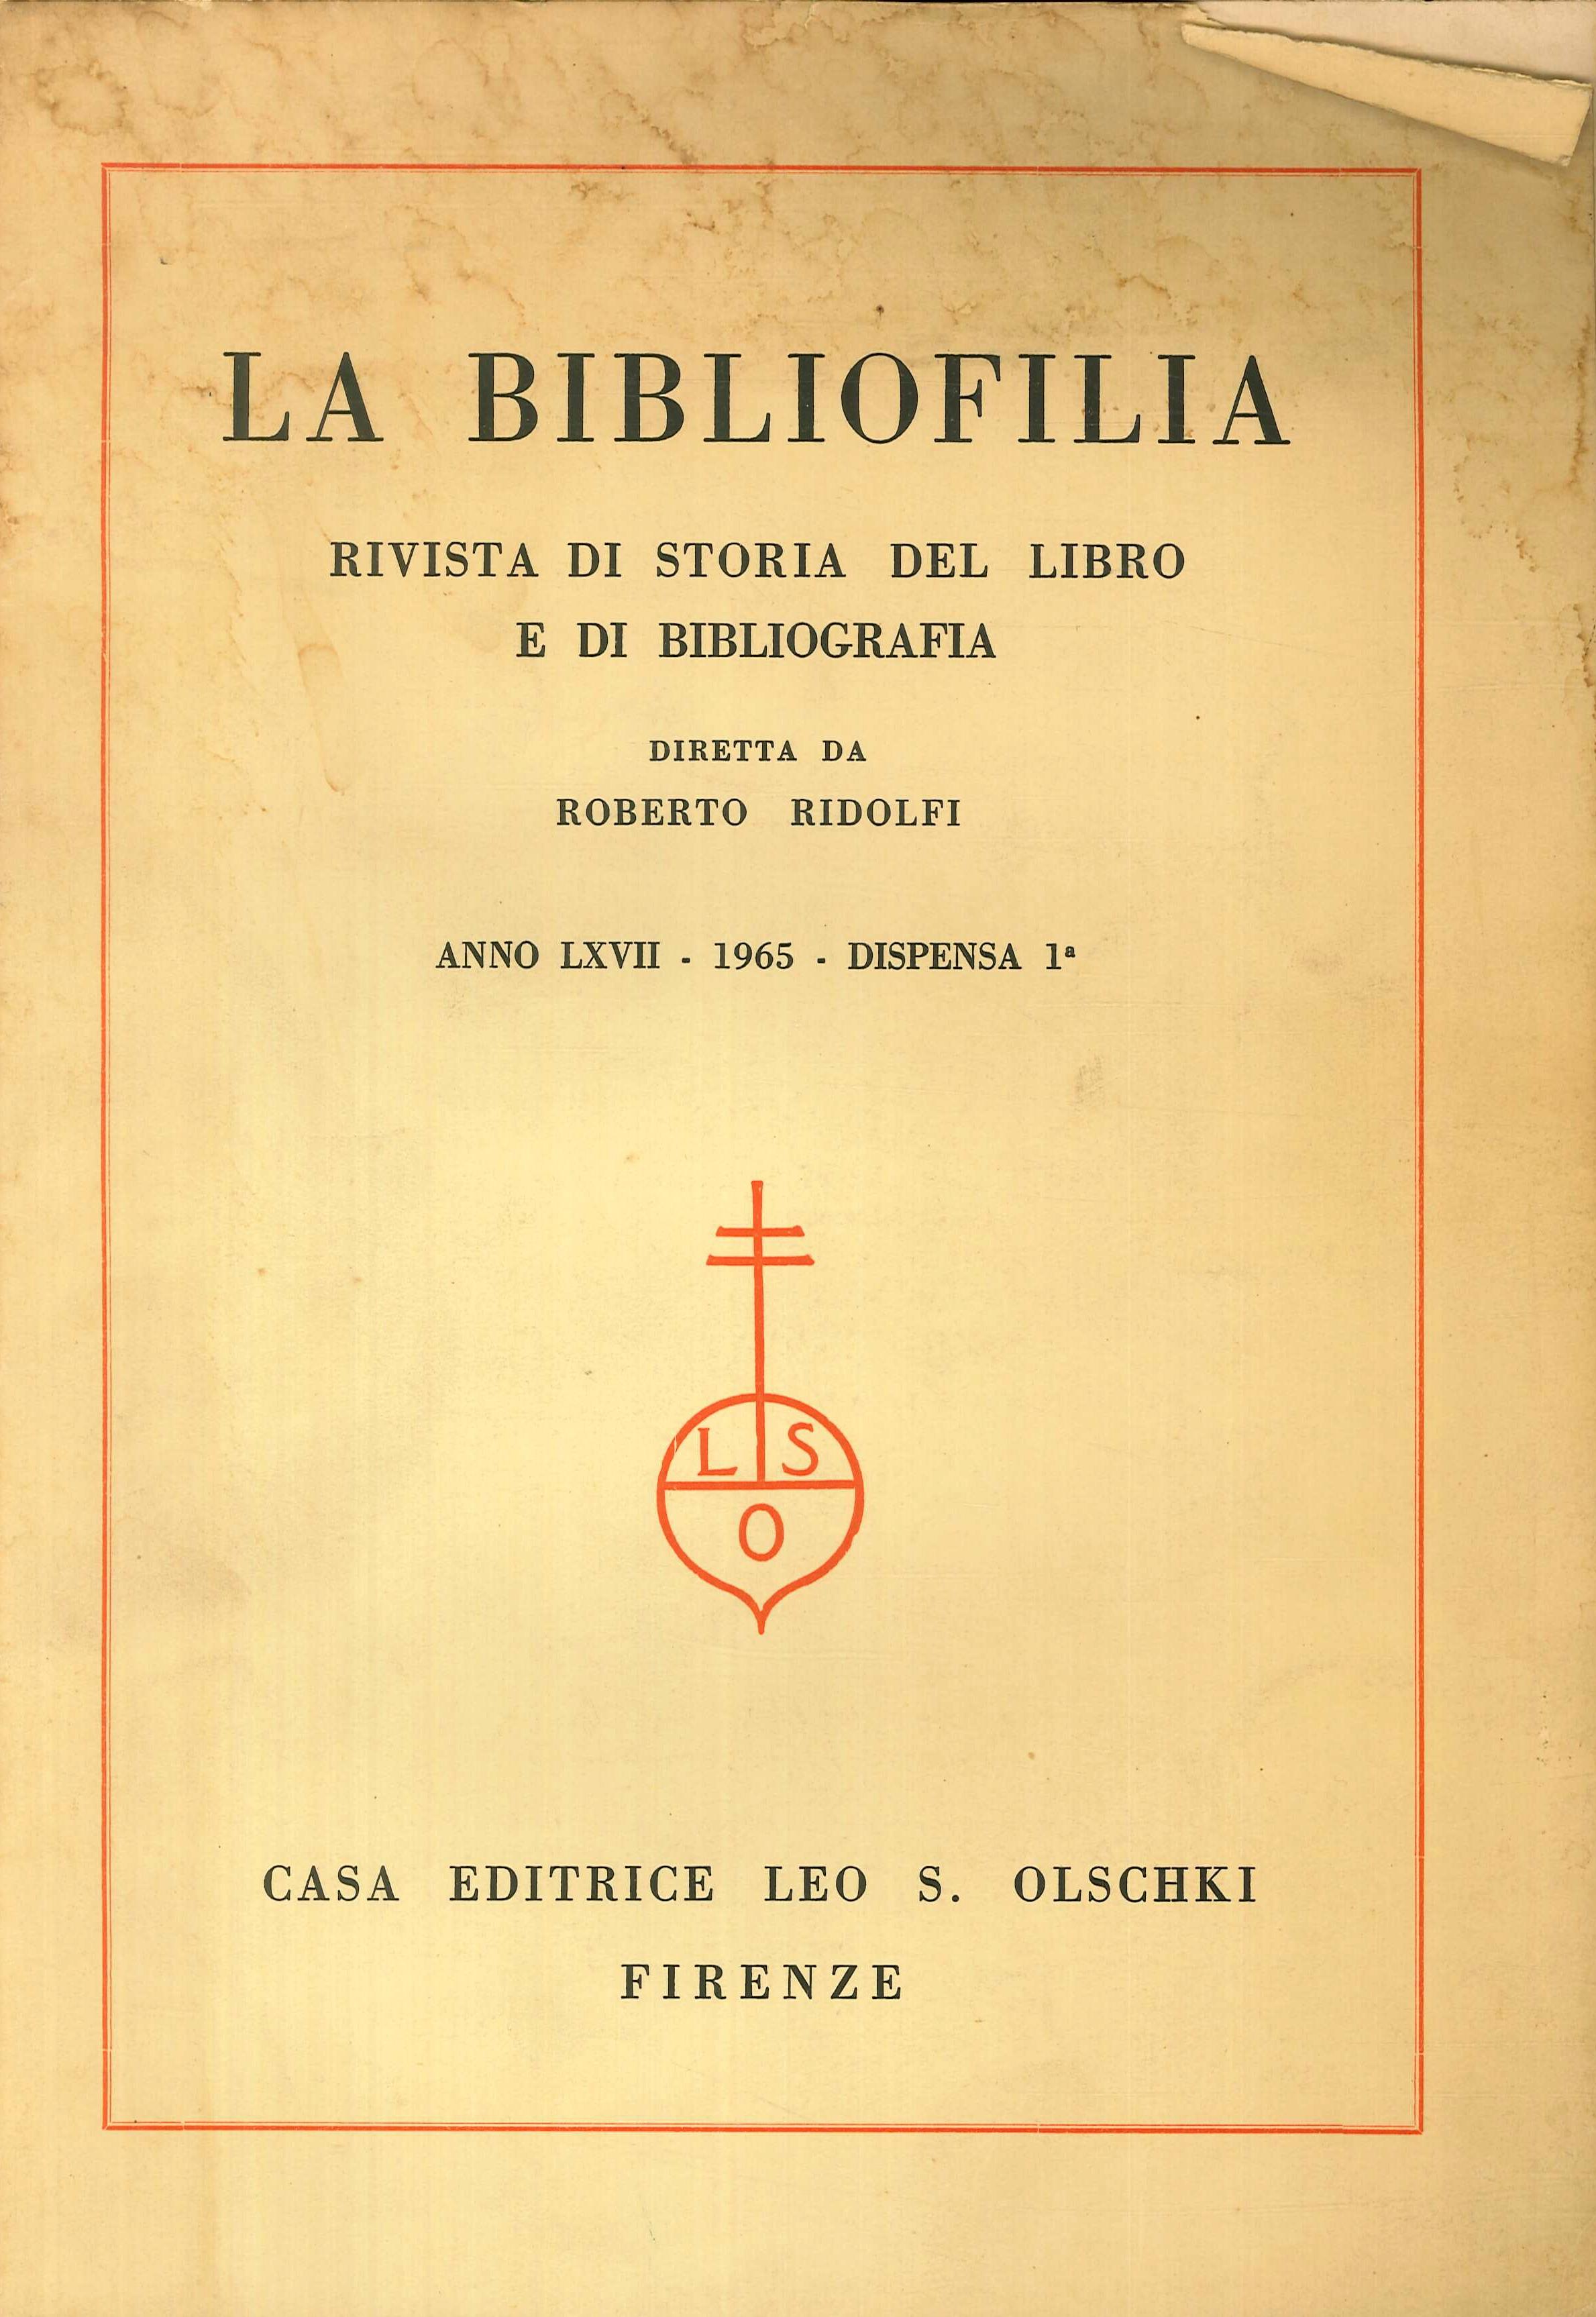 La Bibliofilia. Rivista di Storia del Libro e di Bibliografia. Anno LXVII - 1965 - dispensa 1